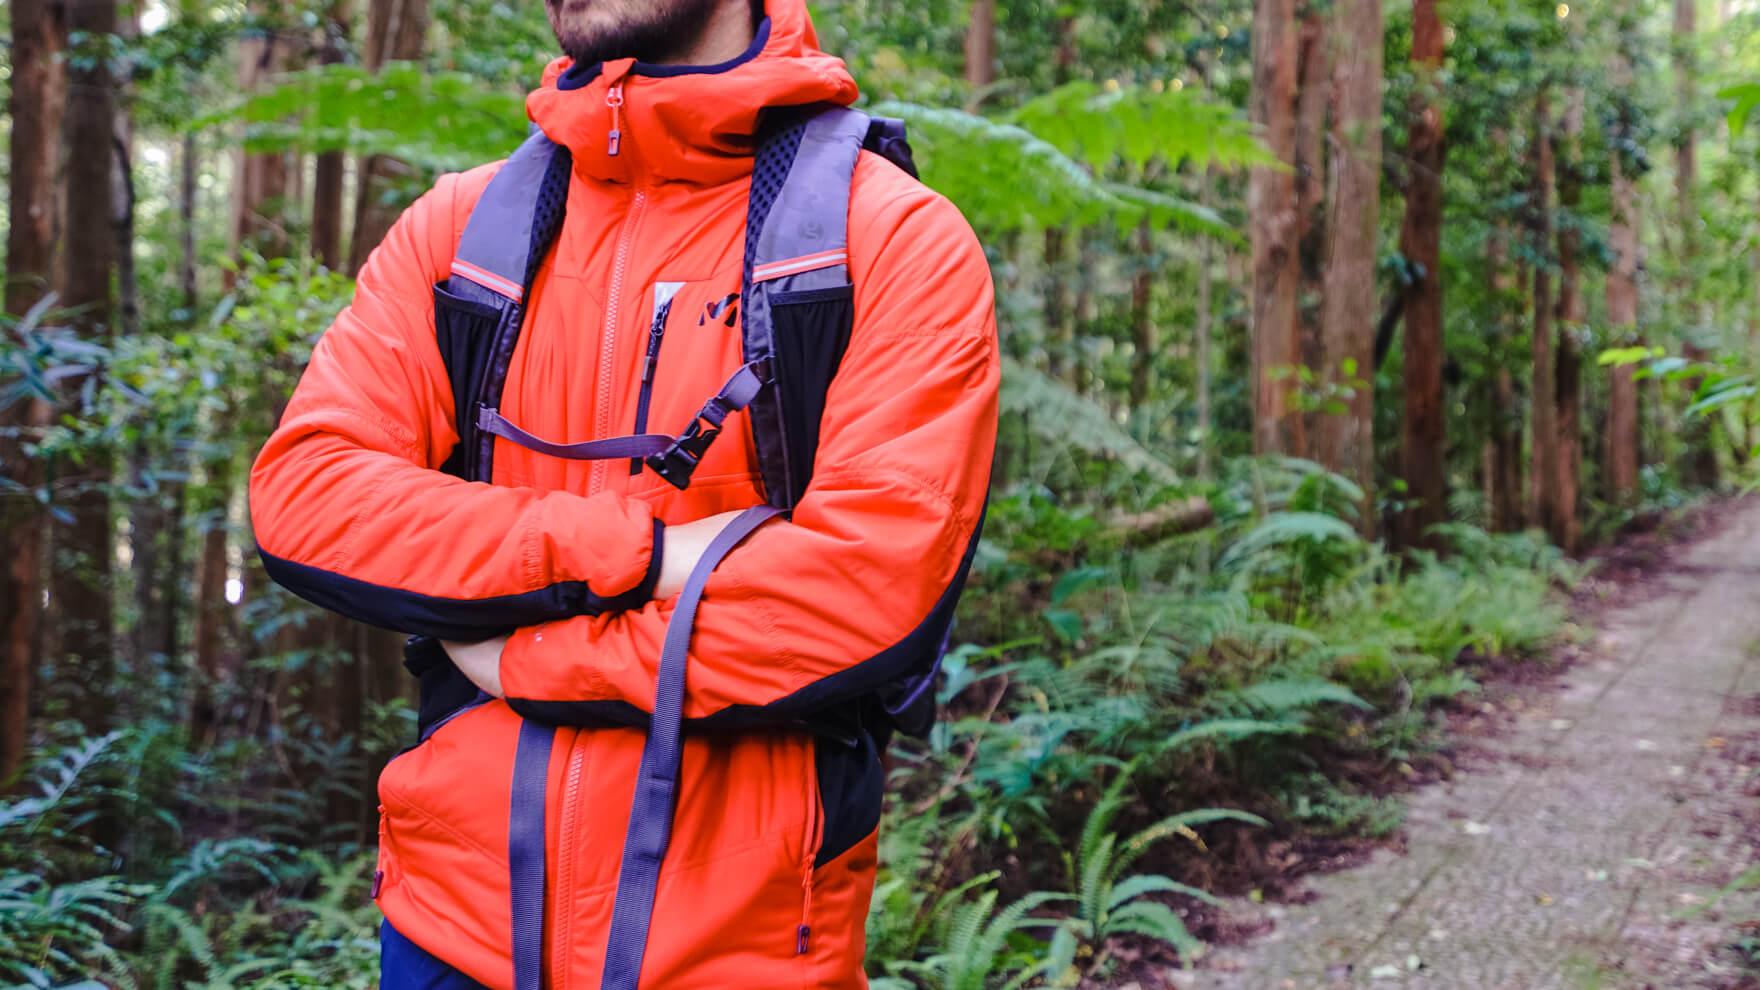 Review:MILLET ブリーザー トイ フーディ 秋冬行動着の決定打といっていい。超撥水機能が加わったアクティブインサレーションジャケット